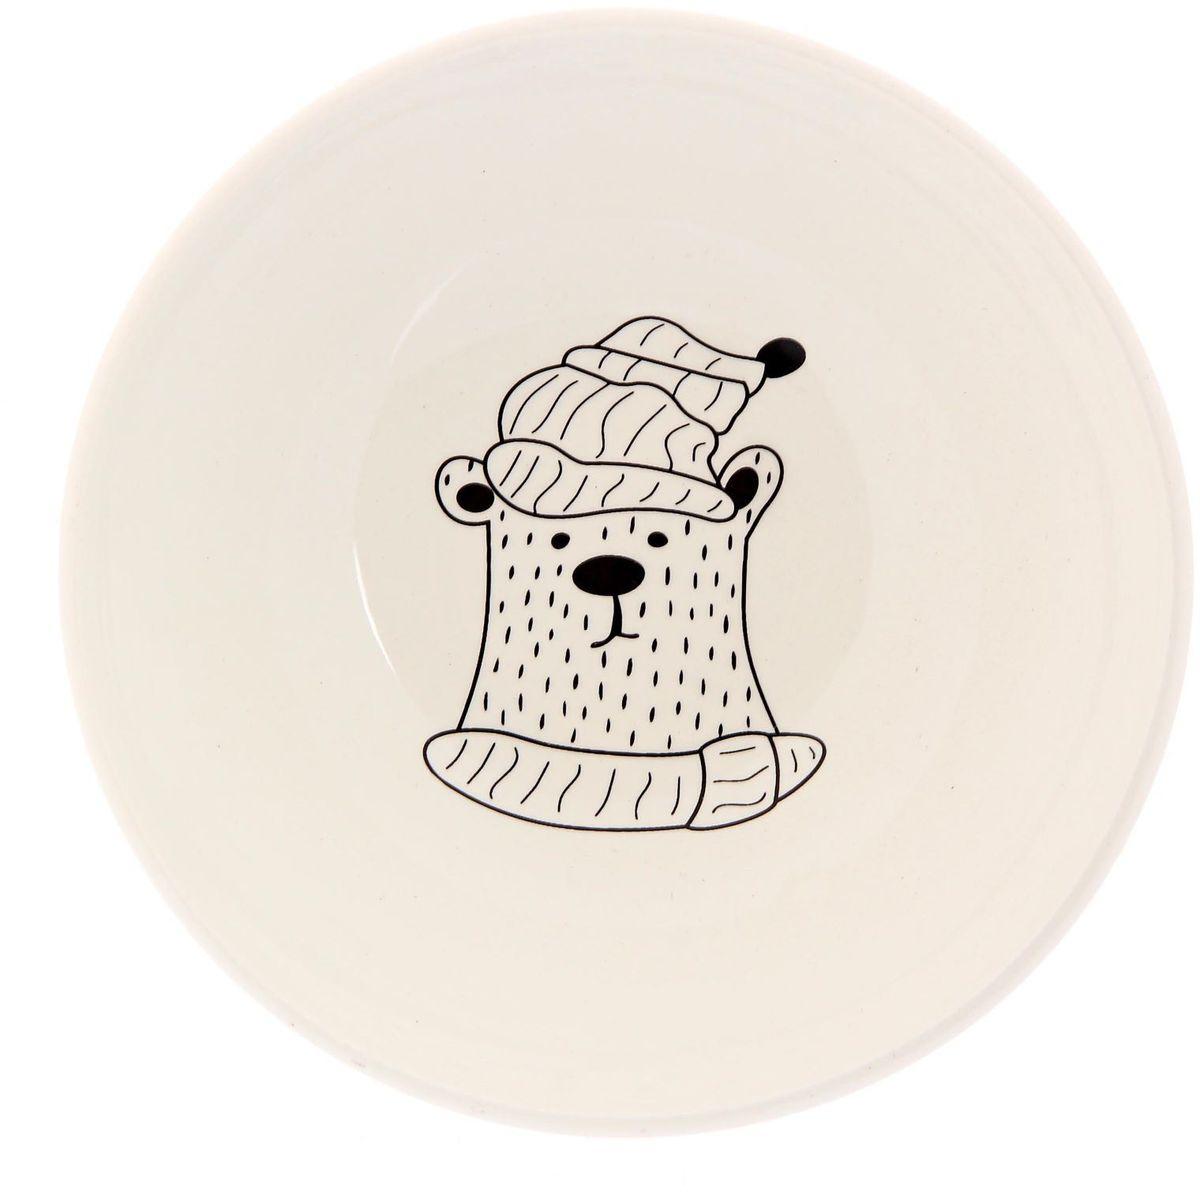 Салатник Сотвори чудо Полярный мишка, диаметр 16,5 см2277848Изящный салатник Сотвори чудо изготовлен из фаянса. На дне салатника расположилась забавная картинка, нарисованная стойкой краской. Хотите обновить интерьер кухни или гостиной? Устраиваете необычную фотосессию или тематический праздник? А может, просто ищете подарок для близкого человека?Можно использовать в посудомоечных машинах.Диаметр по верхнему краю: 16,5 см.